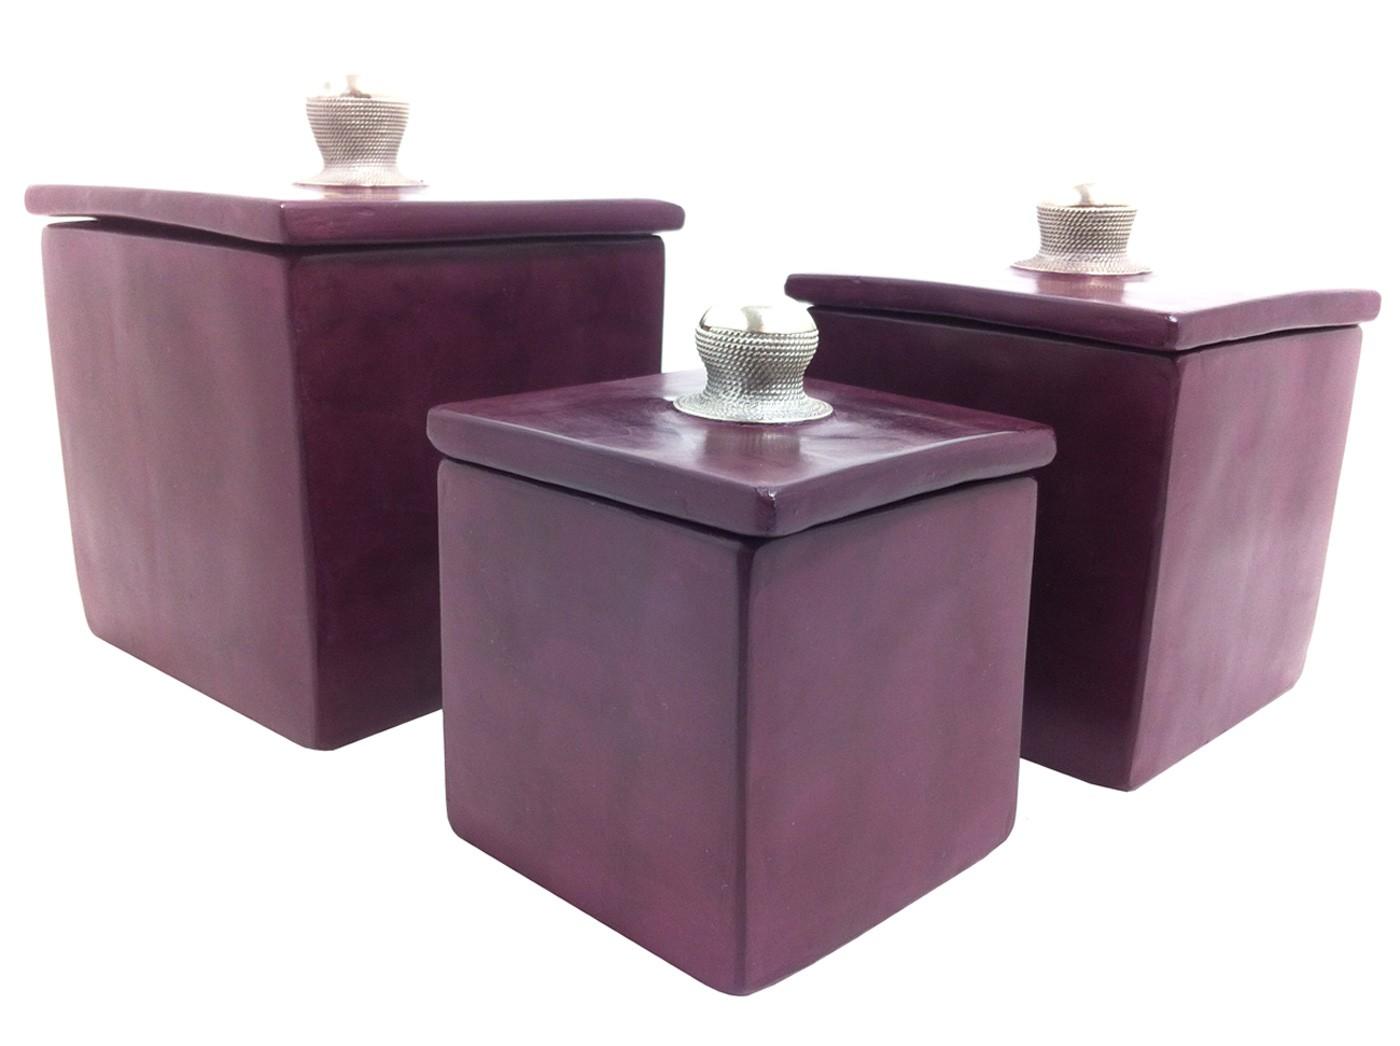 Excellent salle de bain noir et aubergine accessoires sdb for Accessoires sdb design